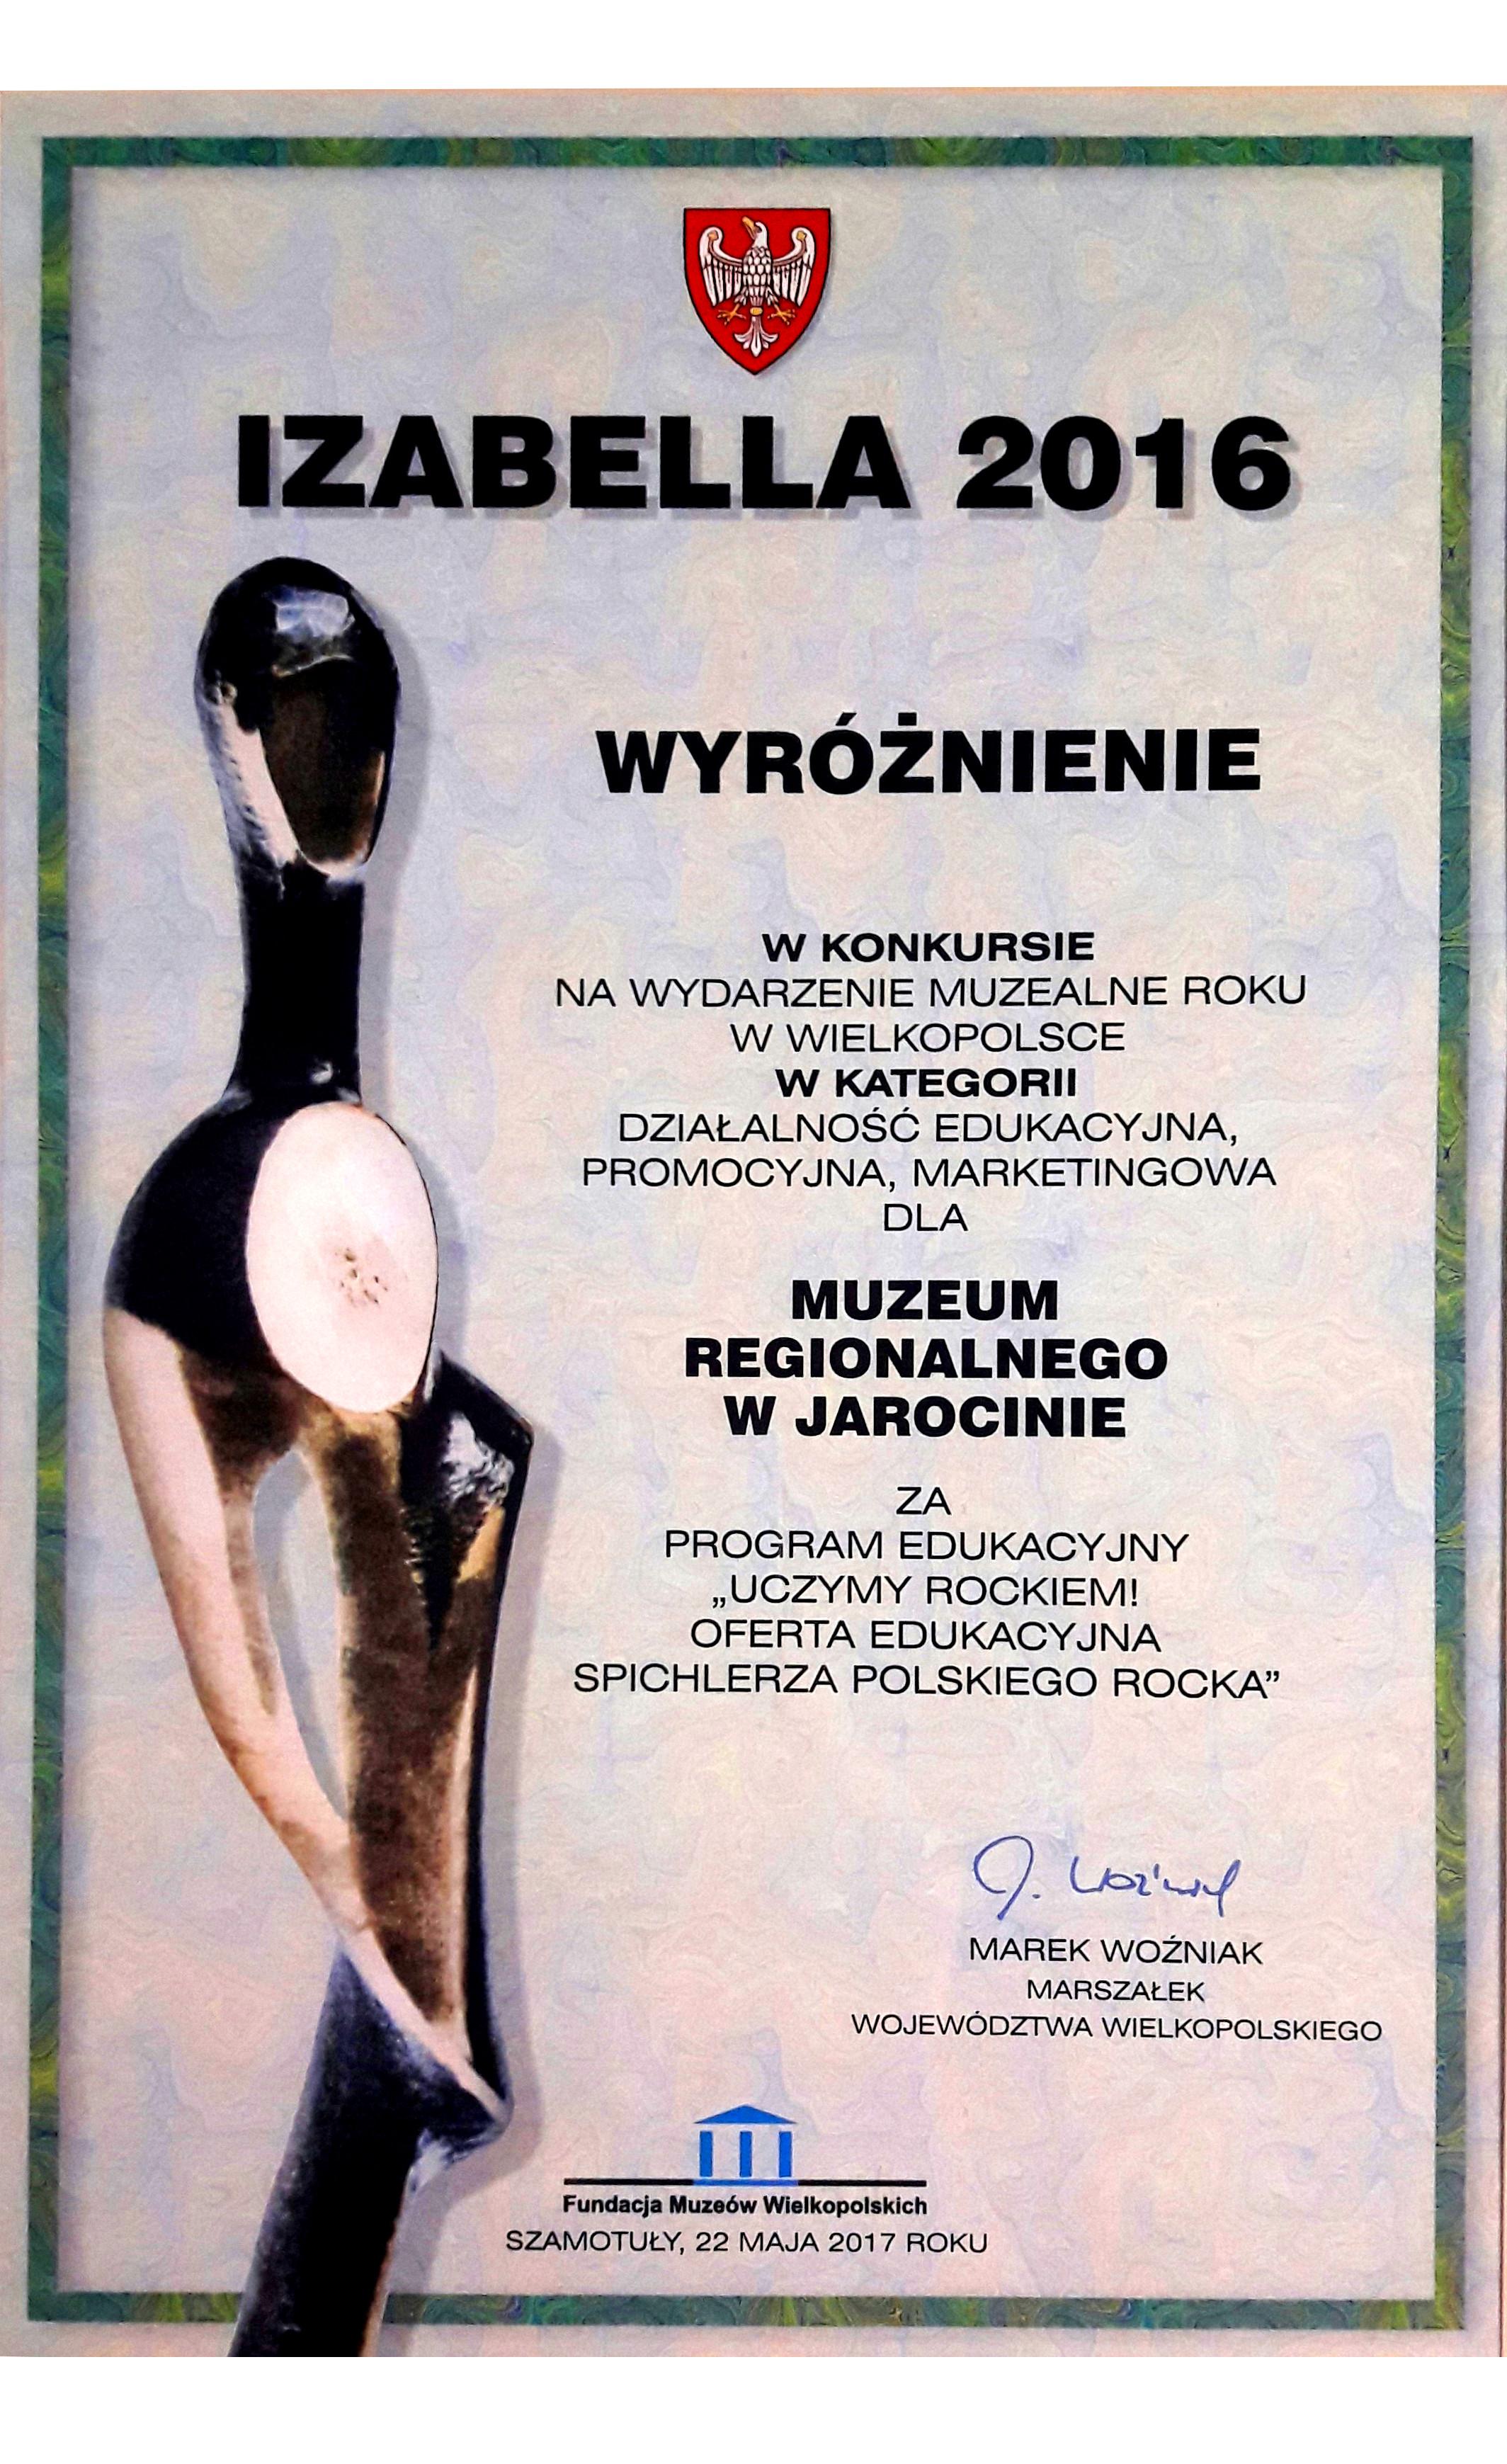 """Spichlerz Polskiego Rocka wyróżniony w prestiżowym konkursie muzealnym """"Izabella 2016""""!"""